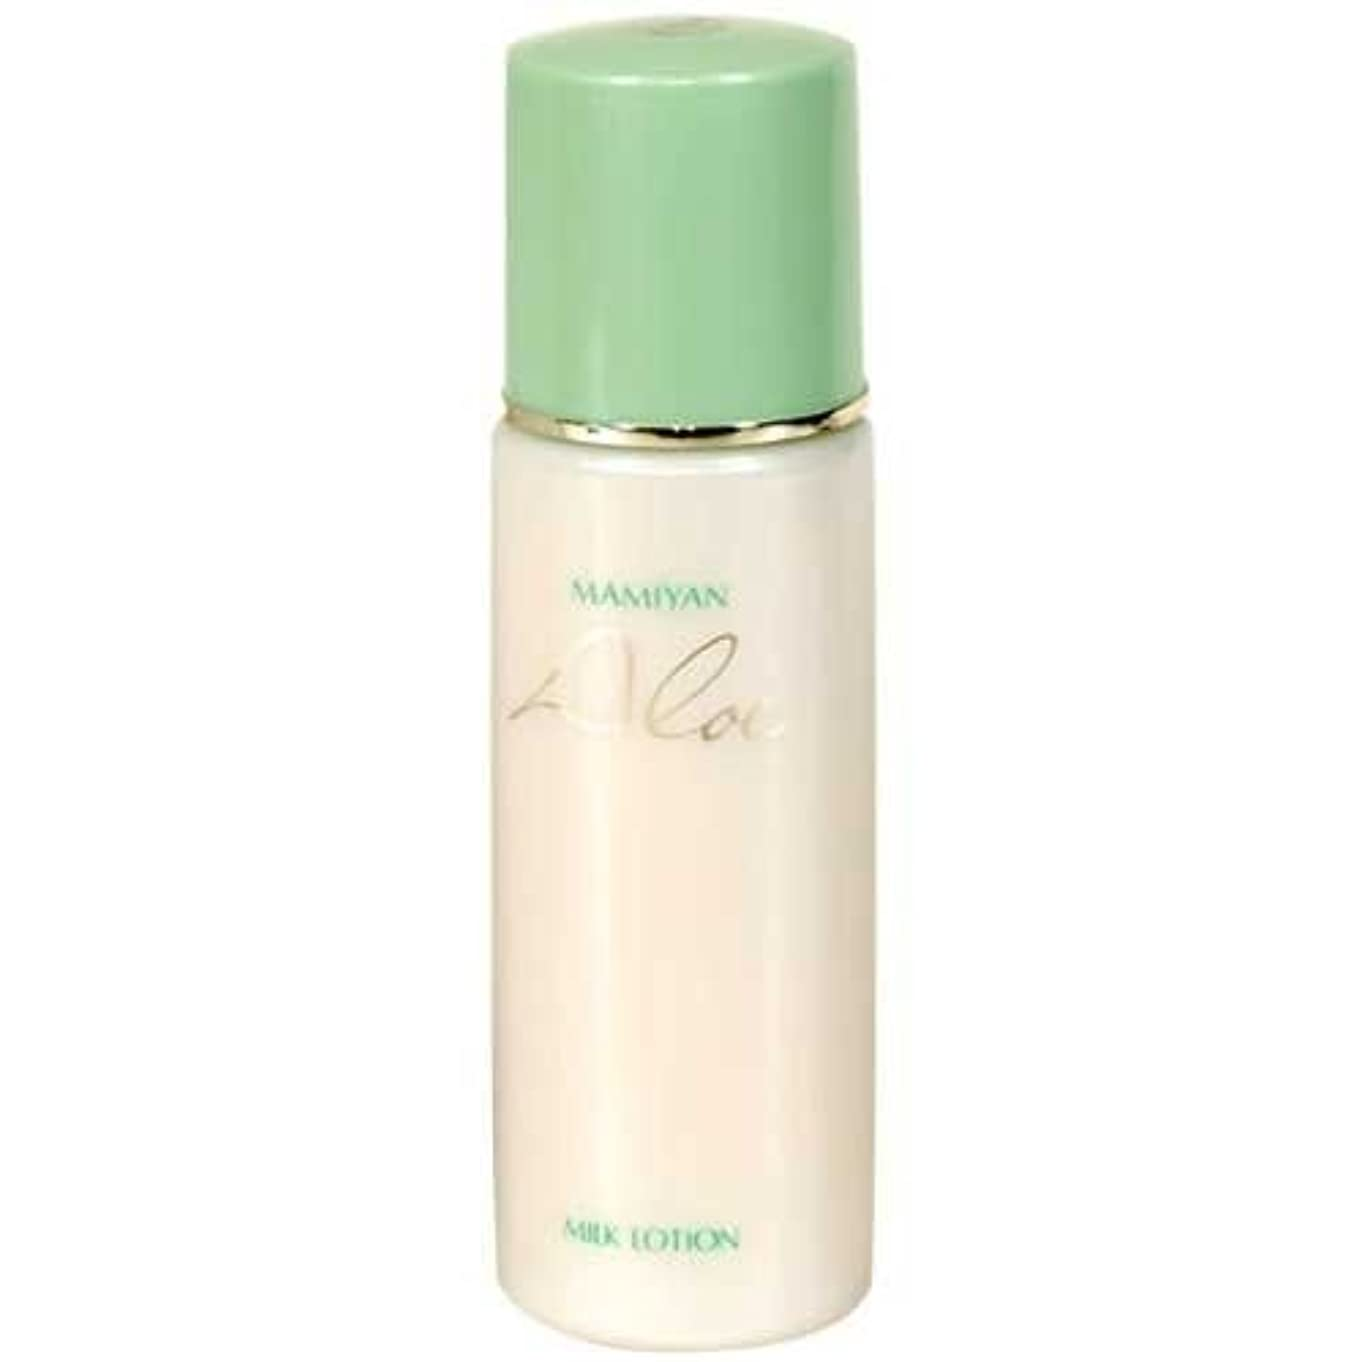 使役皮肉謙虚なマミヤンアロエ基礎化粧品シリーズ アロエミルクローション 120ml さっぱりとした乳液